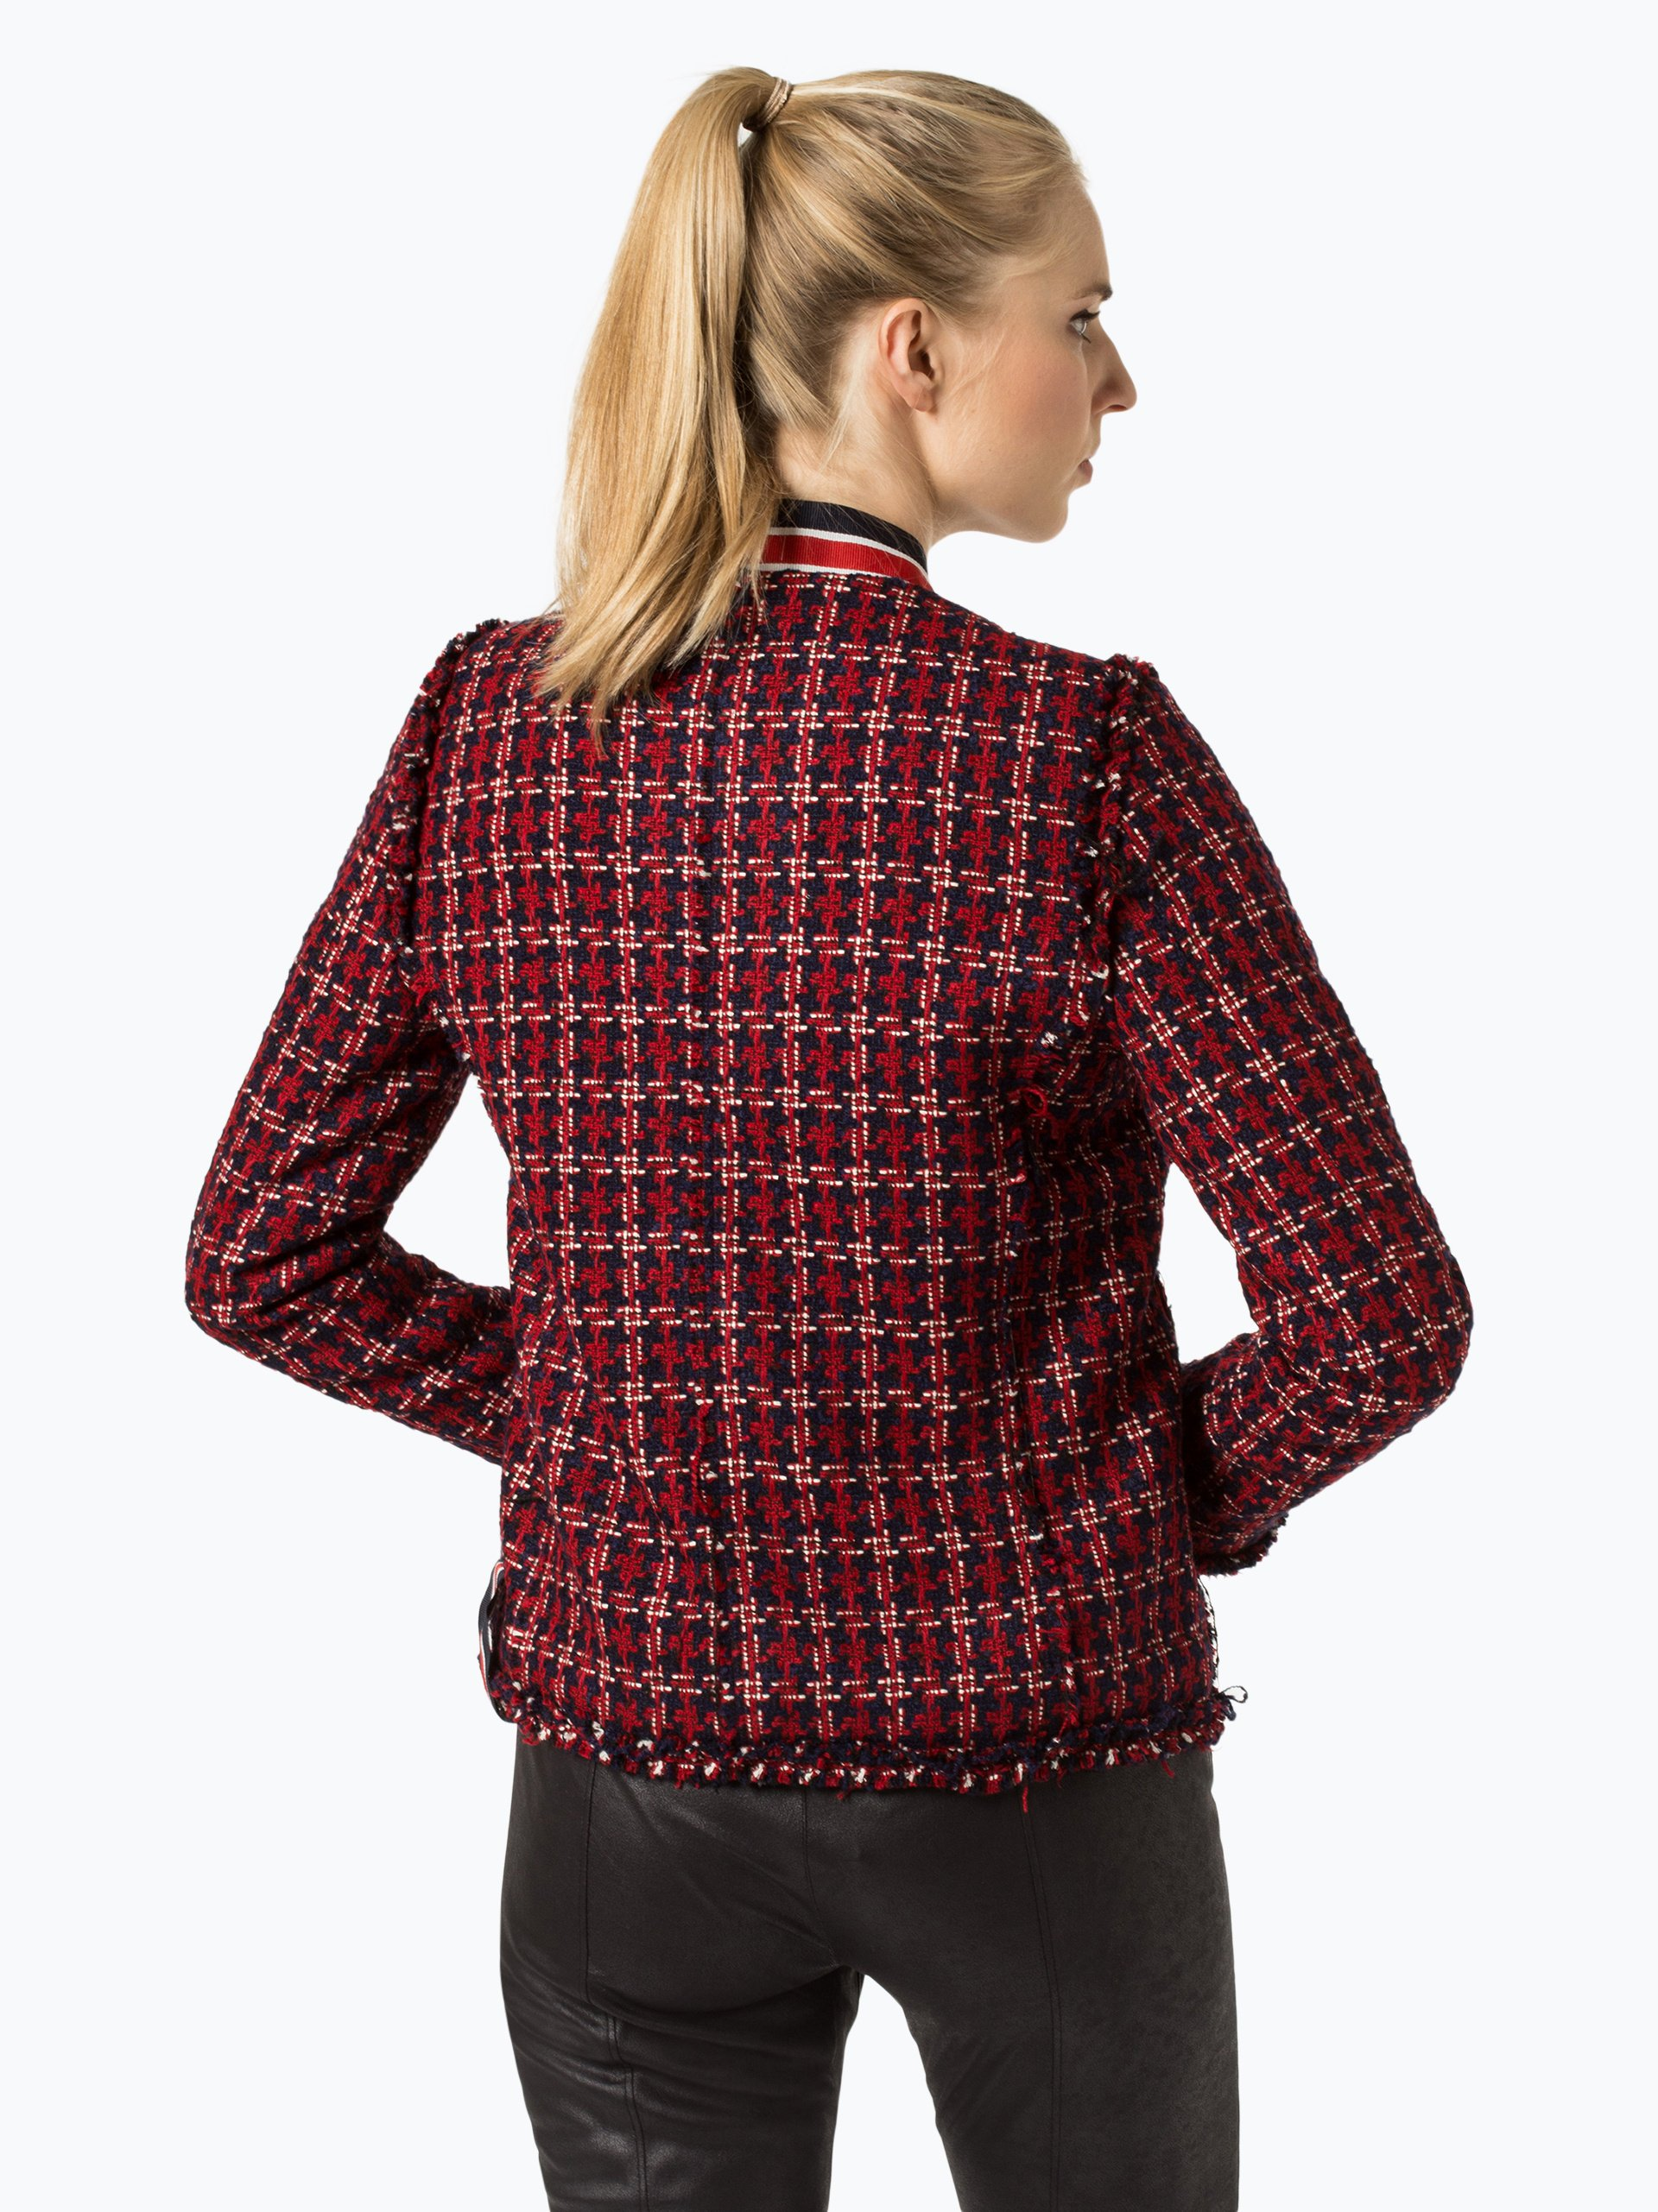 franco callegari damen blazer rot gemustert online kaufen peek und cloppenburg de. Black Bedroom Furniture Sets. Home Design Ideas